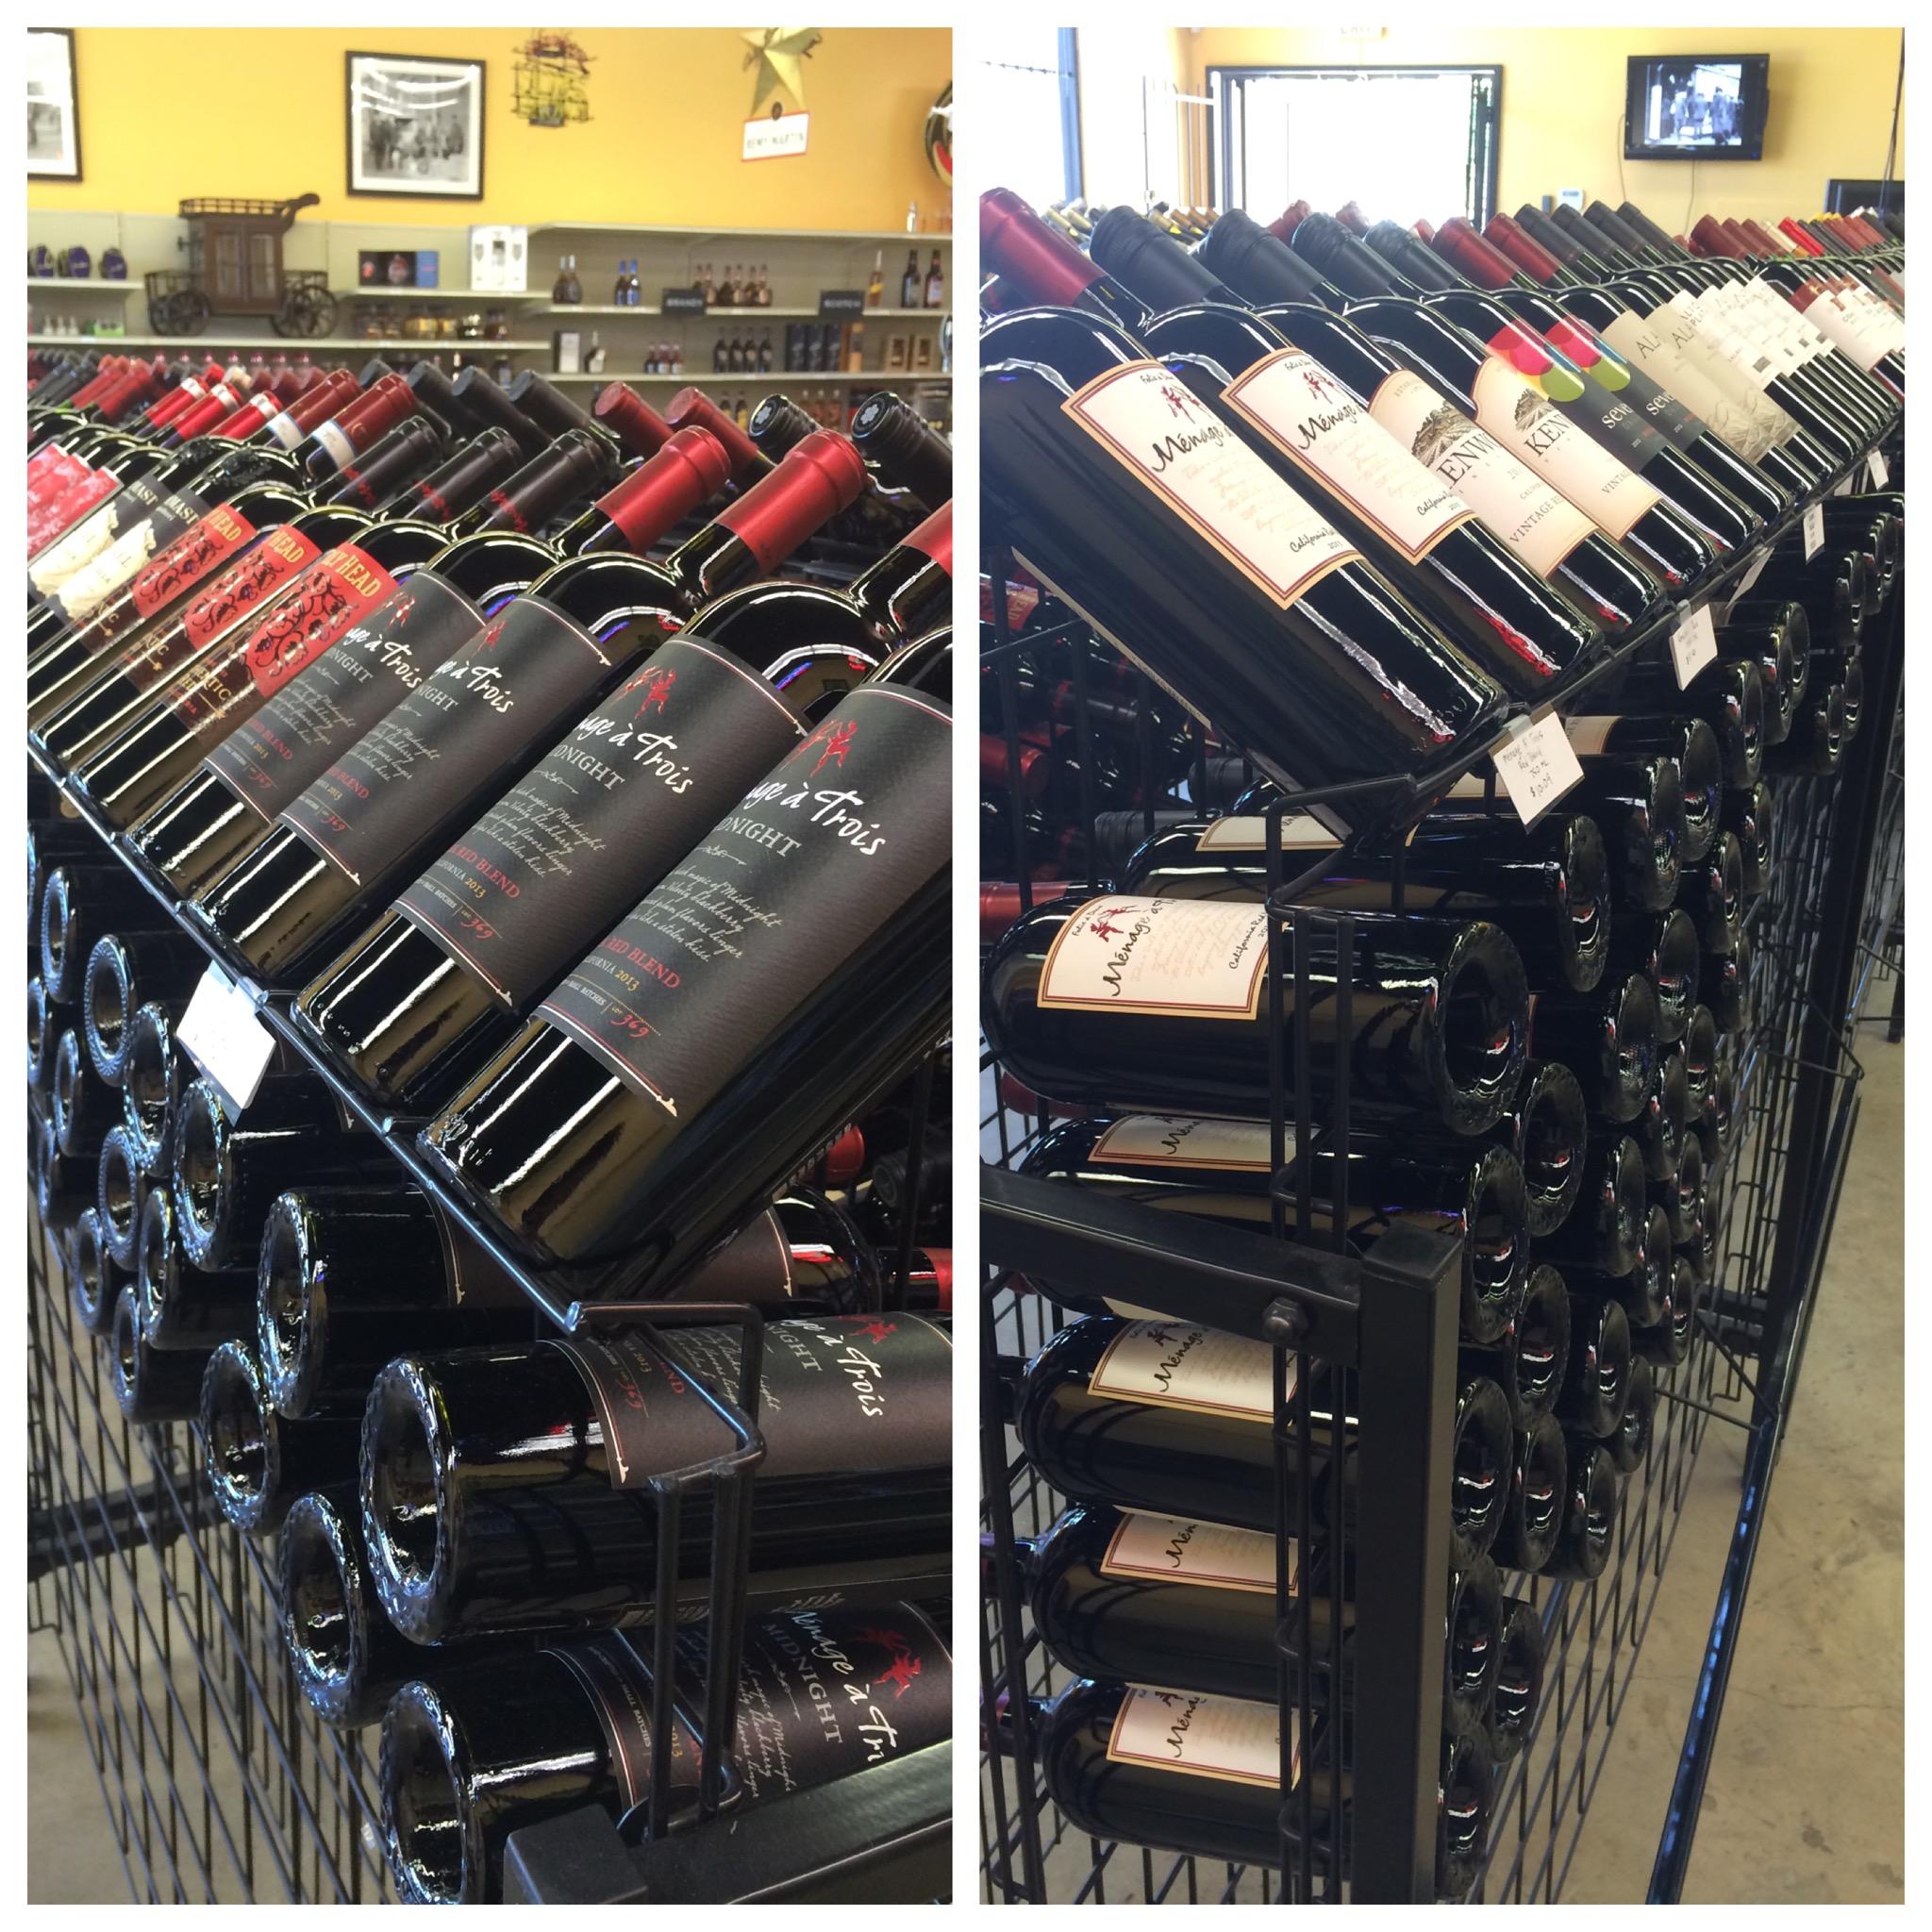 Wine from around the world!